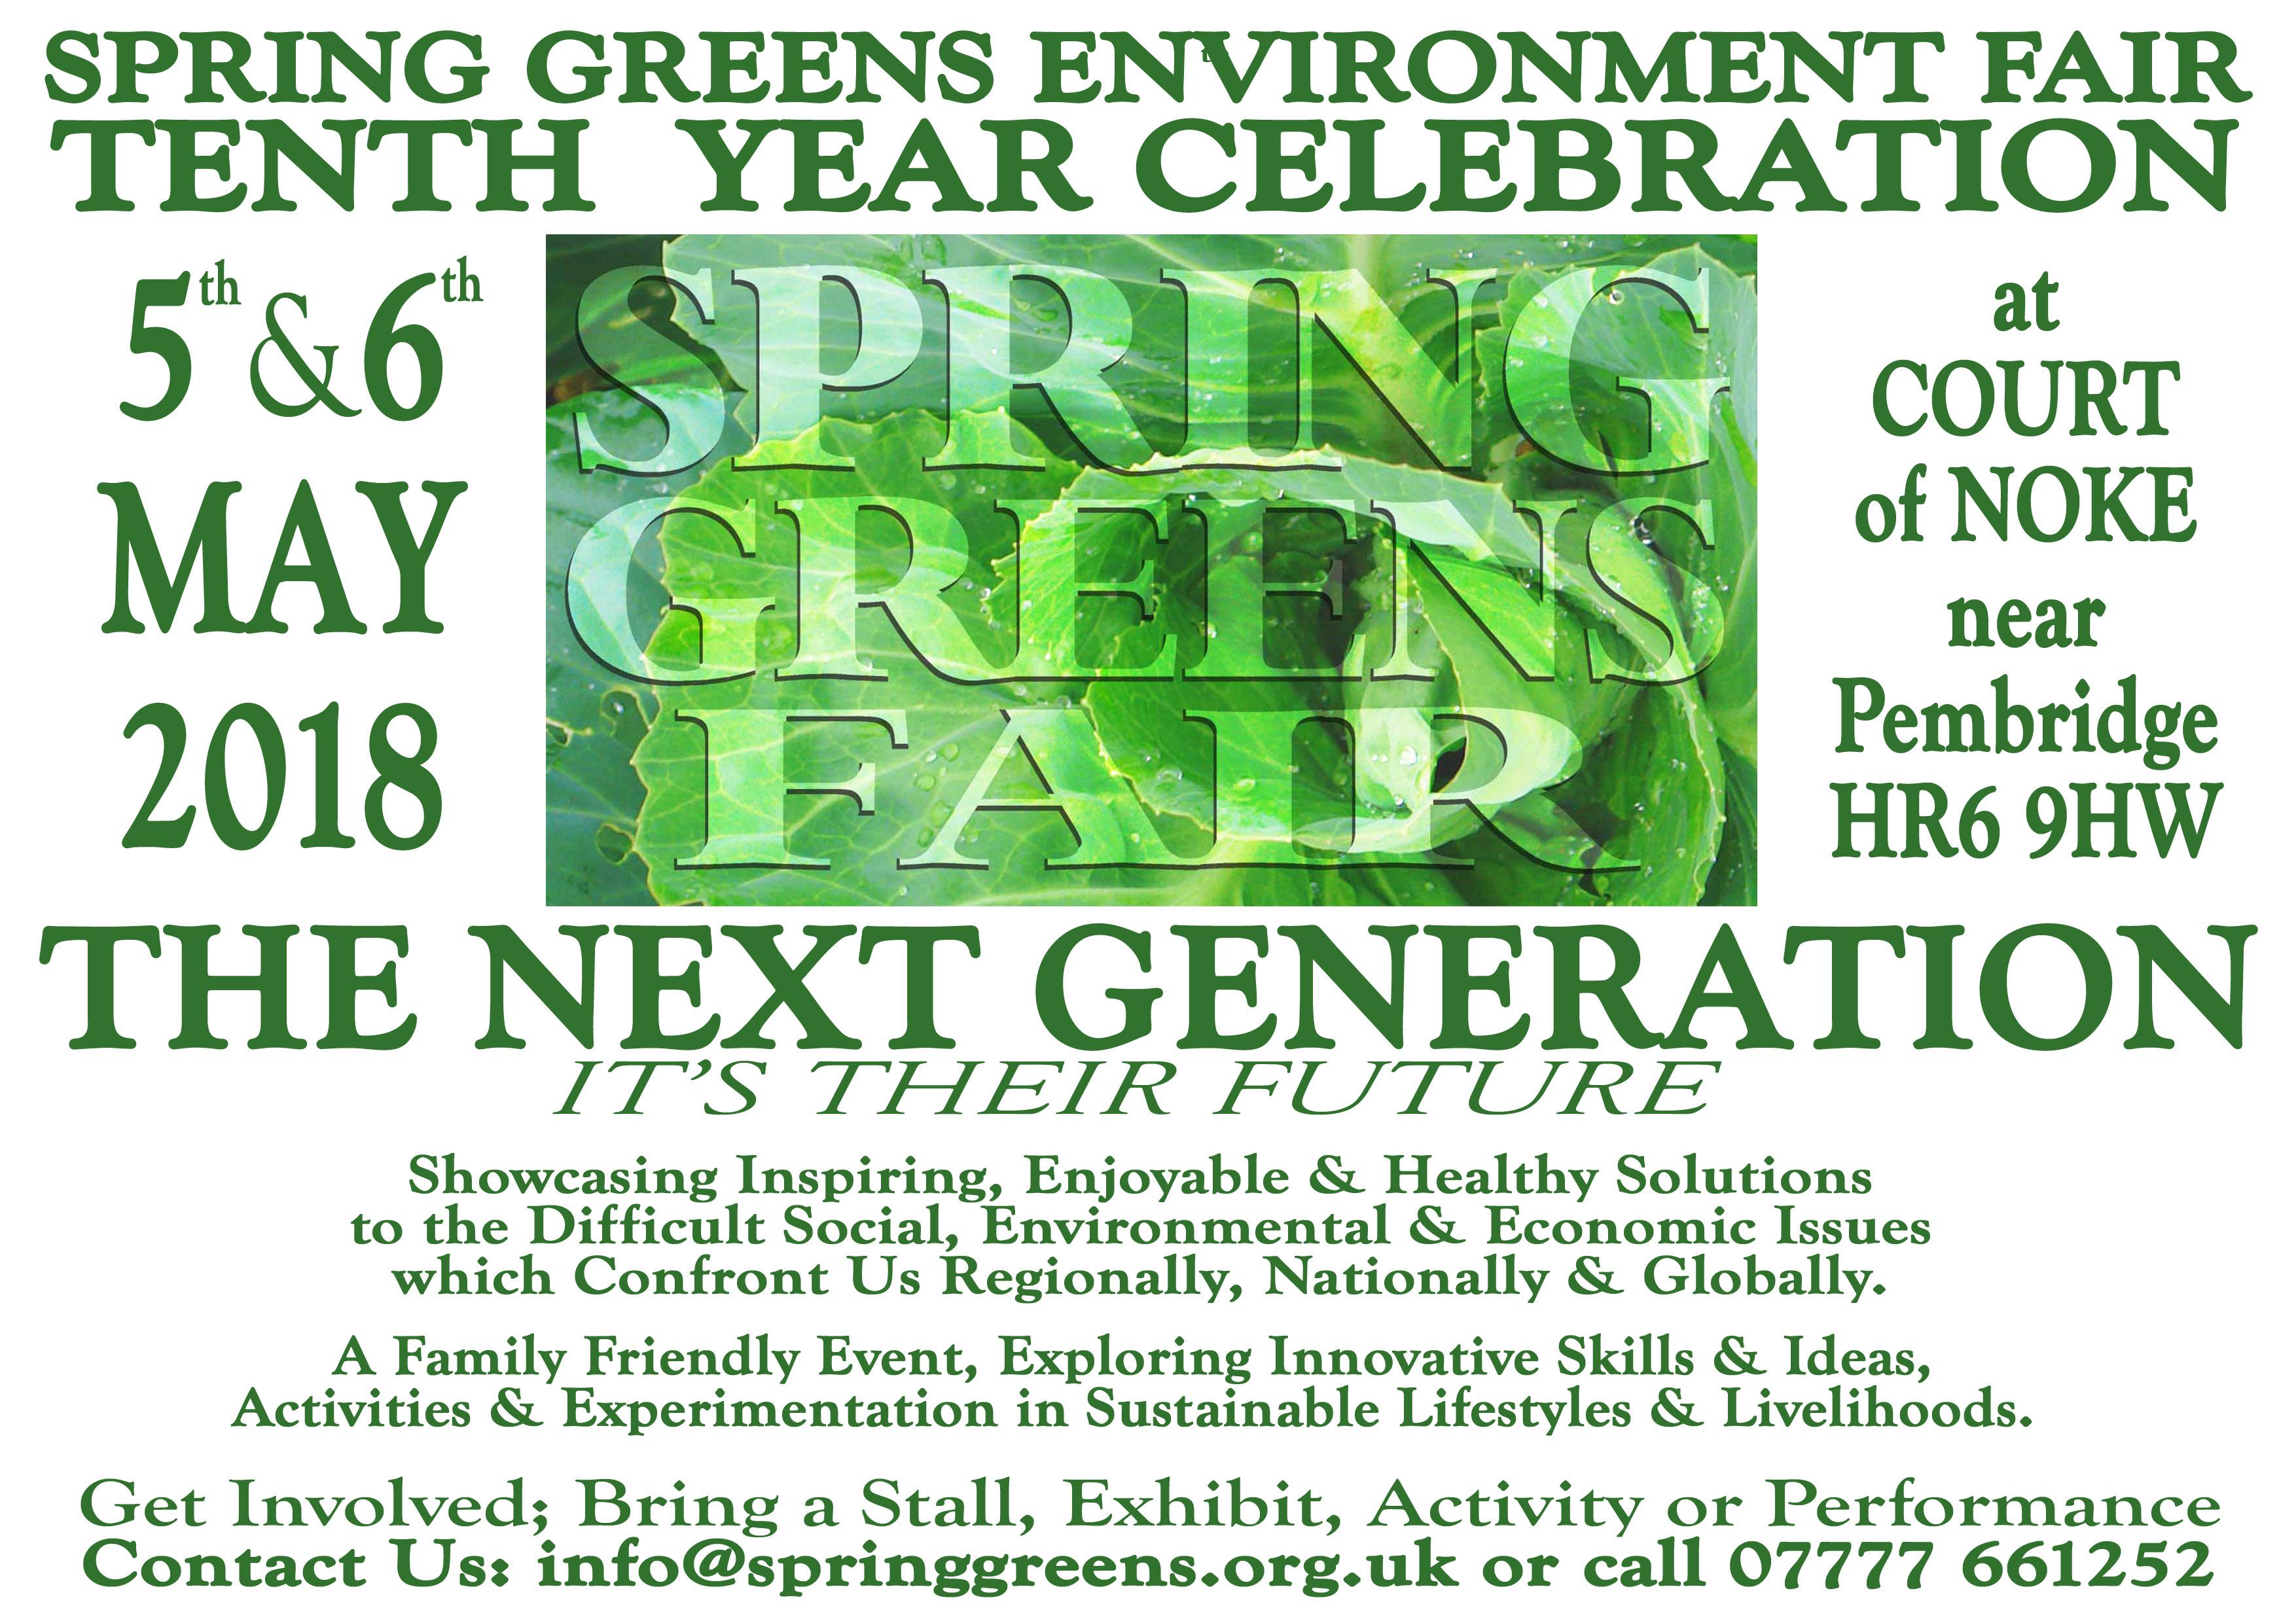 SPRING GREENS Environment Fair 2018